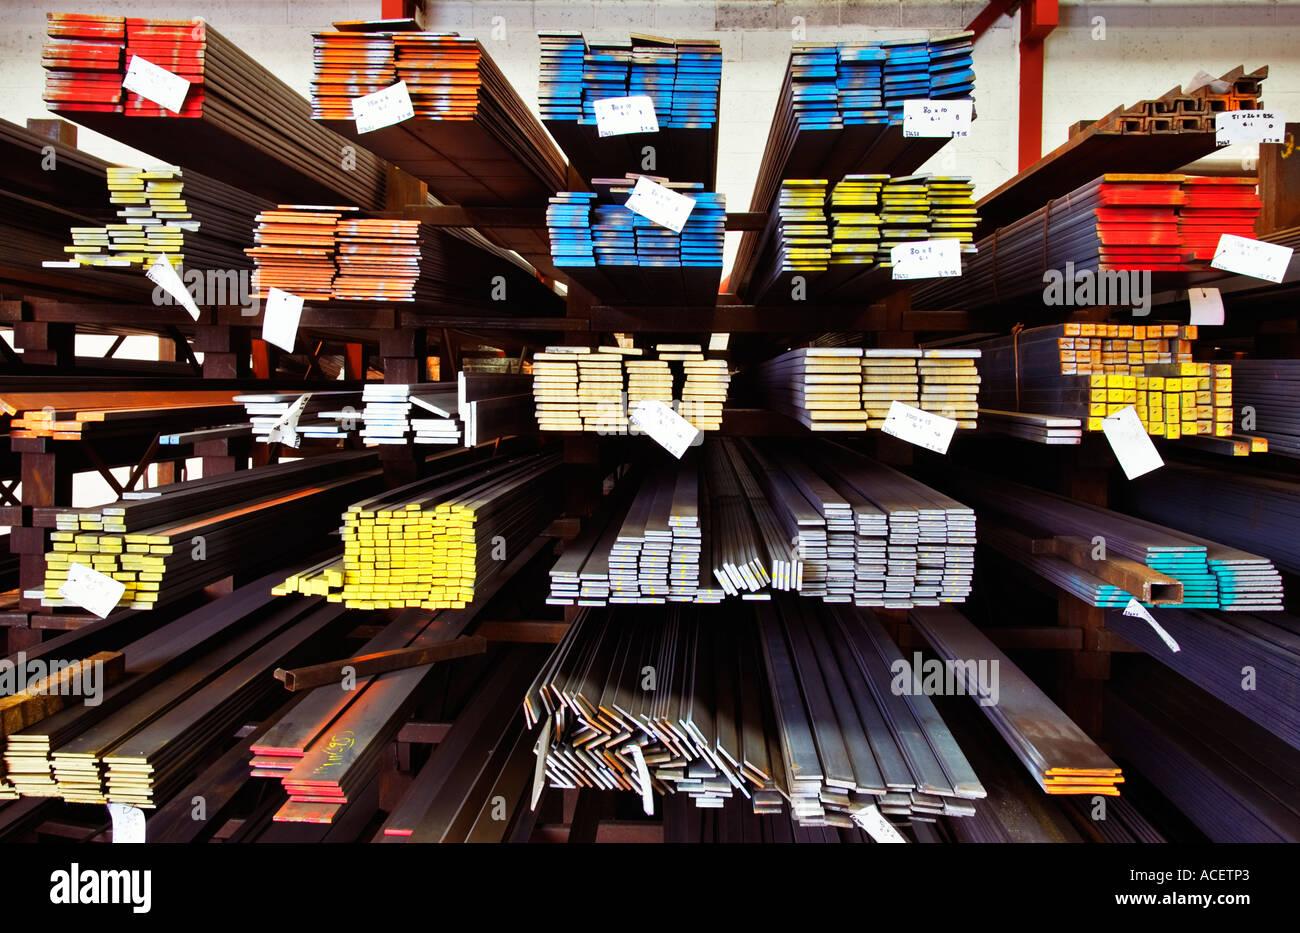 L'industria del Regno Unito - travetti di acciaio su un rack a una ditta produttrice, REGNO UNITO Immagini Stock